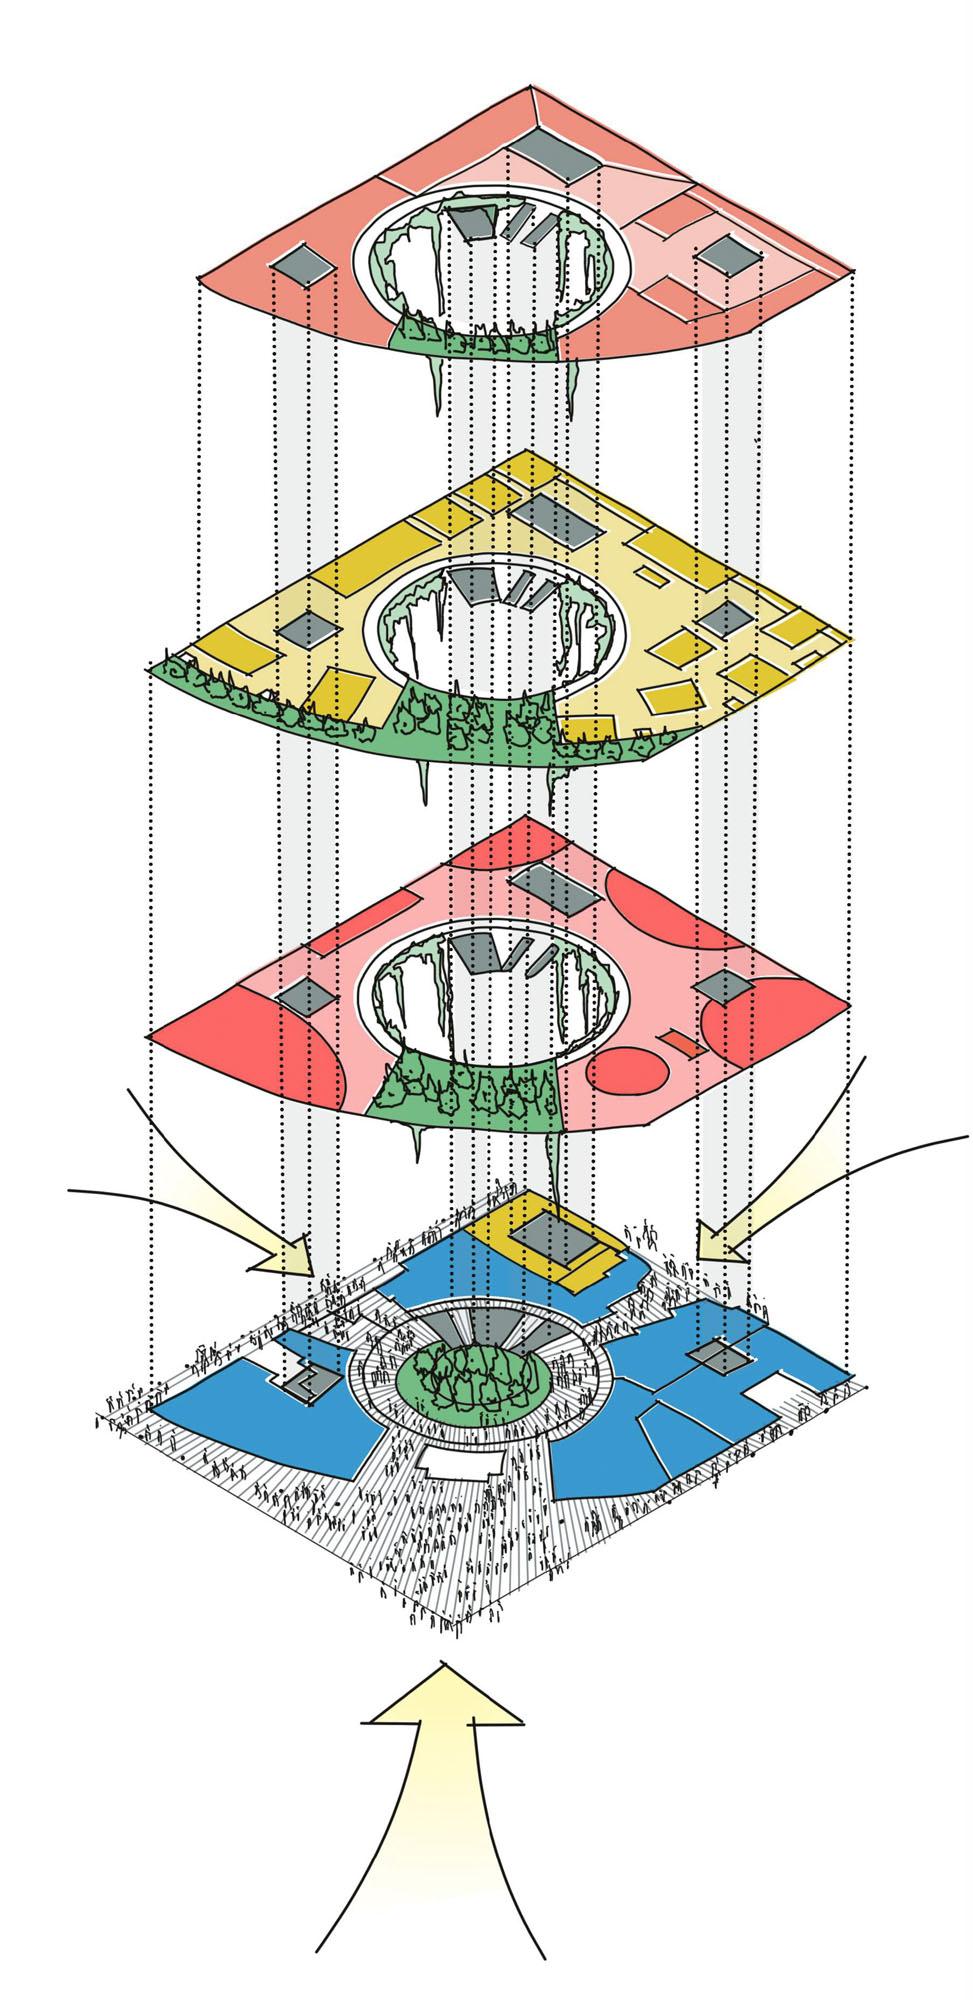 floor use rendering